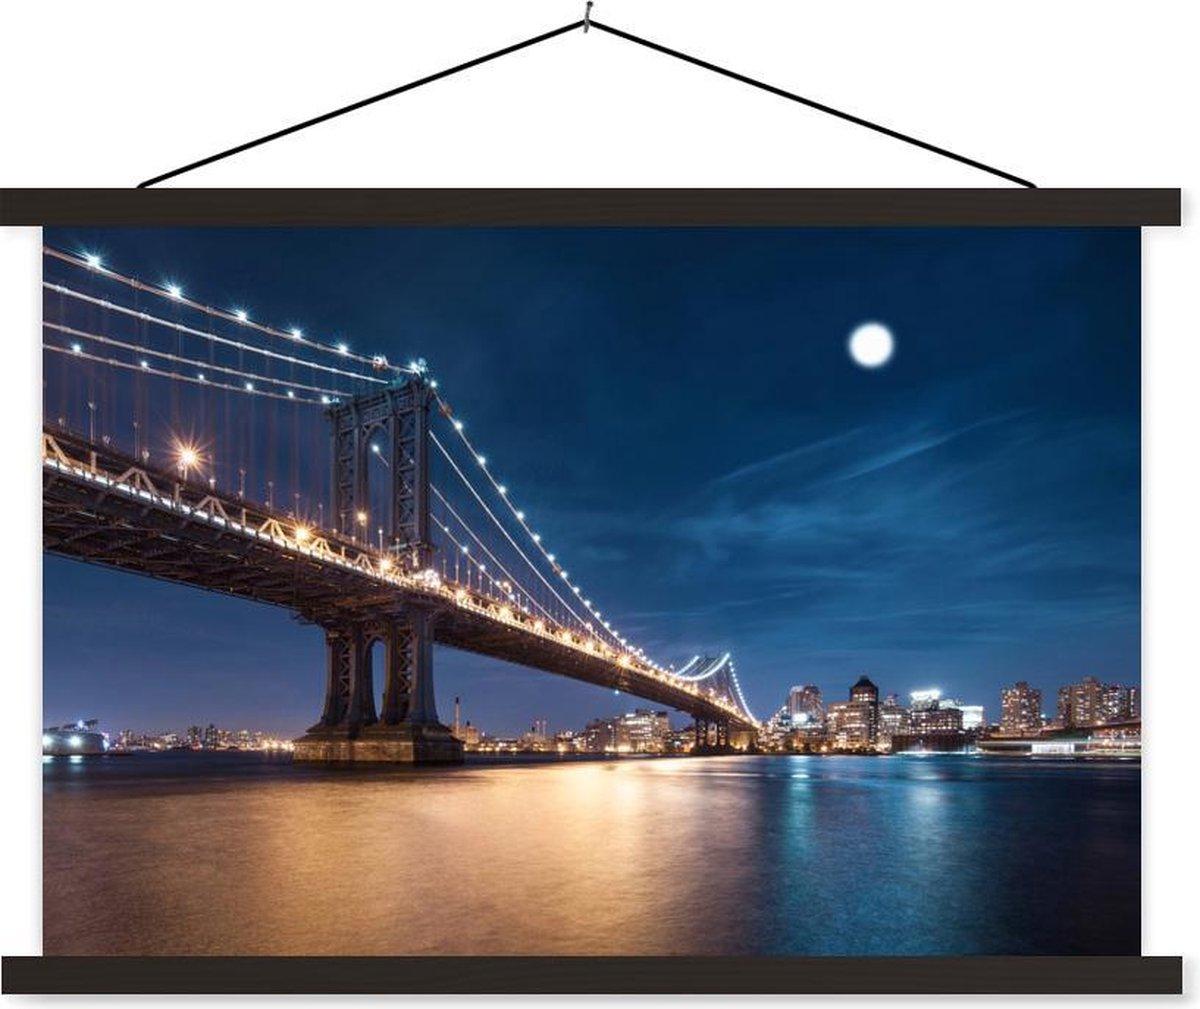 Maanlicht over de brug van Manhattan schoolplaat platte latten zwart 90x60 cm - Foto print op textielposter (wanddecoratie woonkamer/slaapkamer)